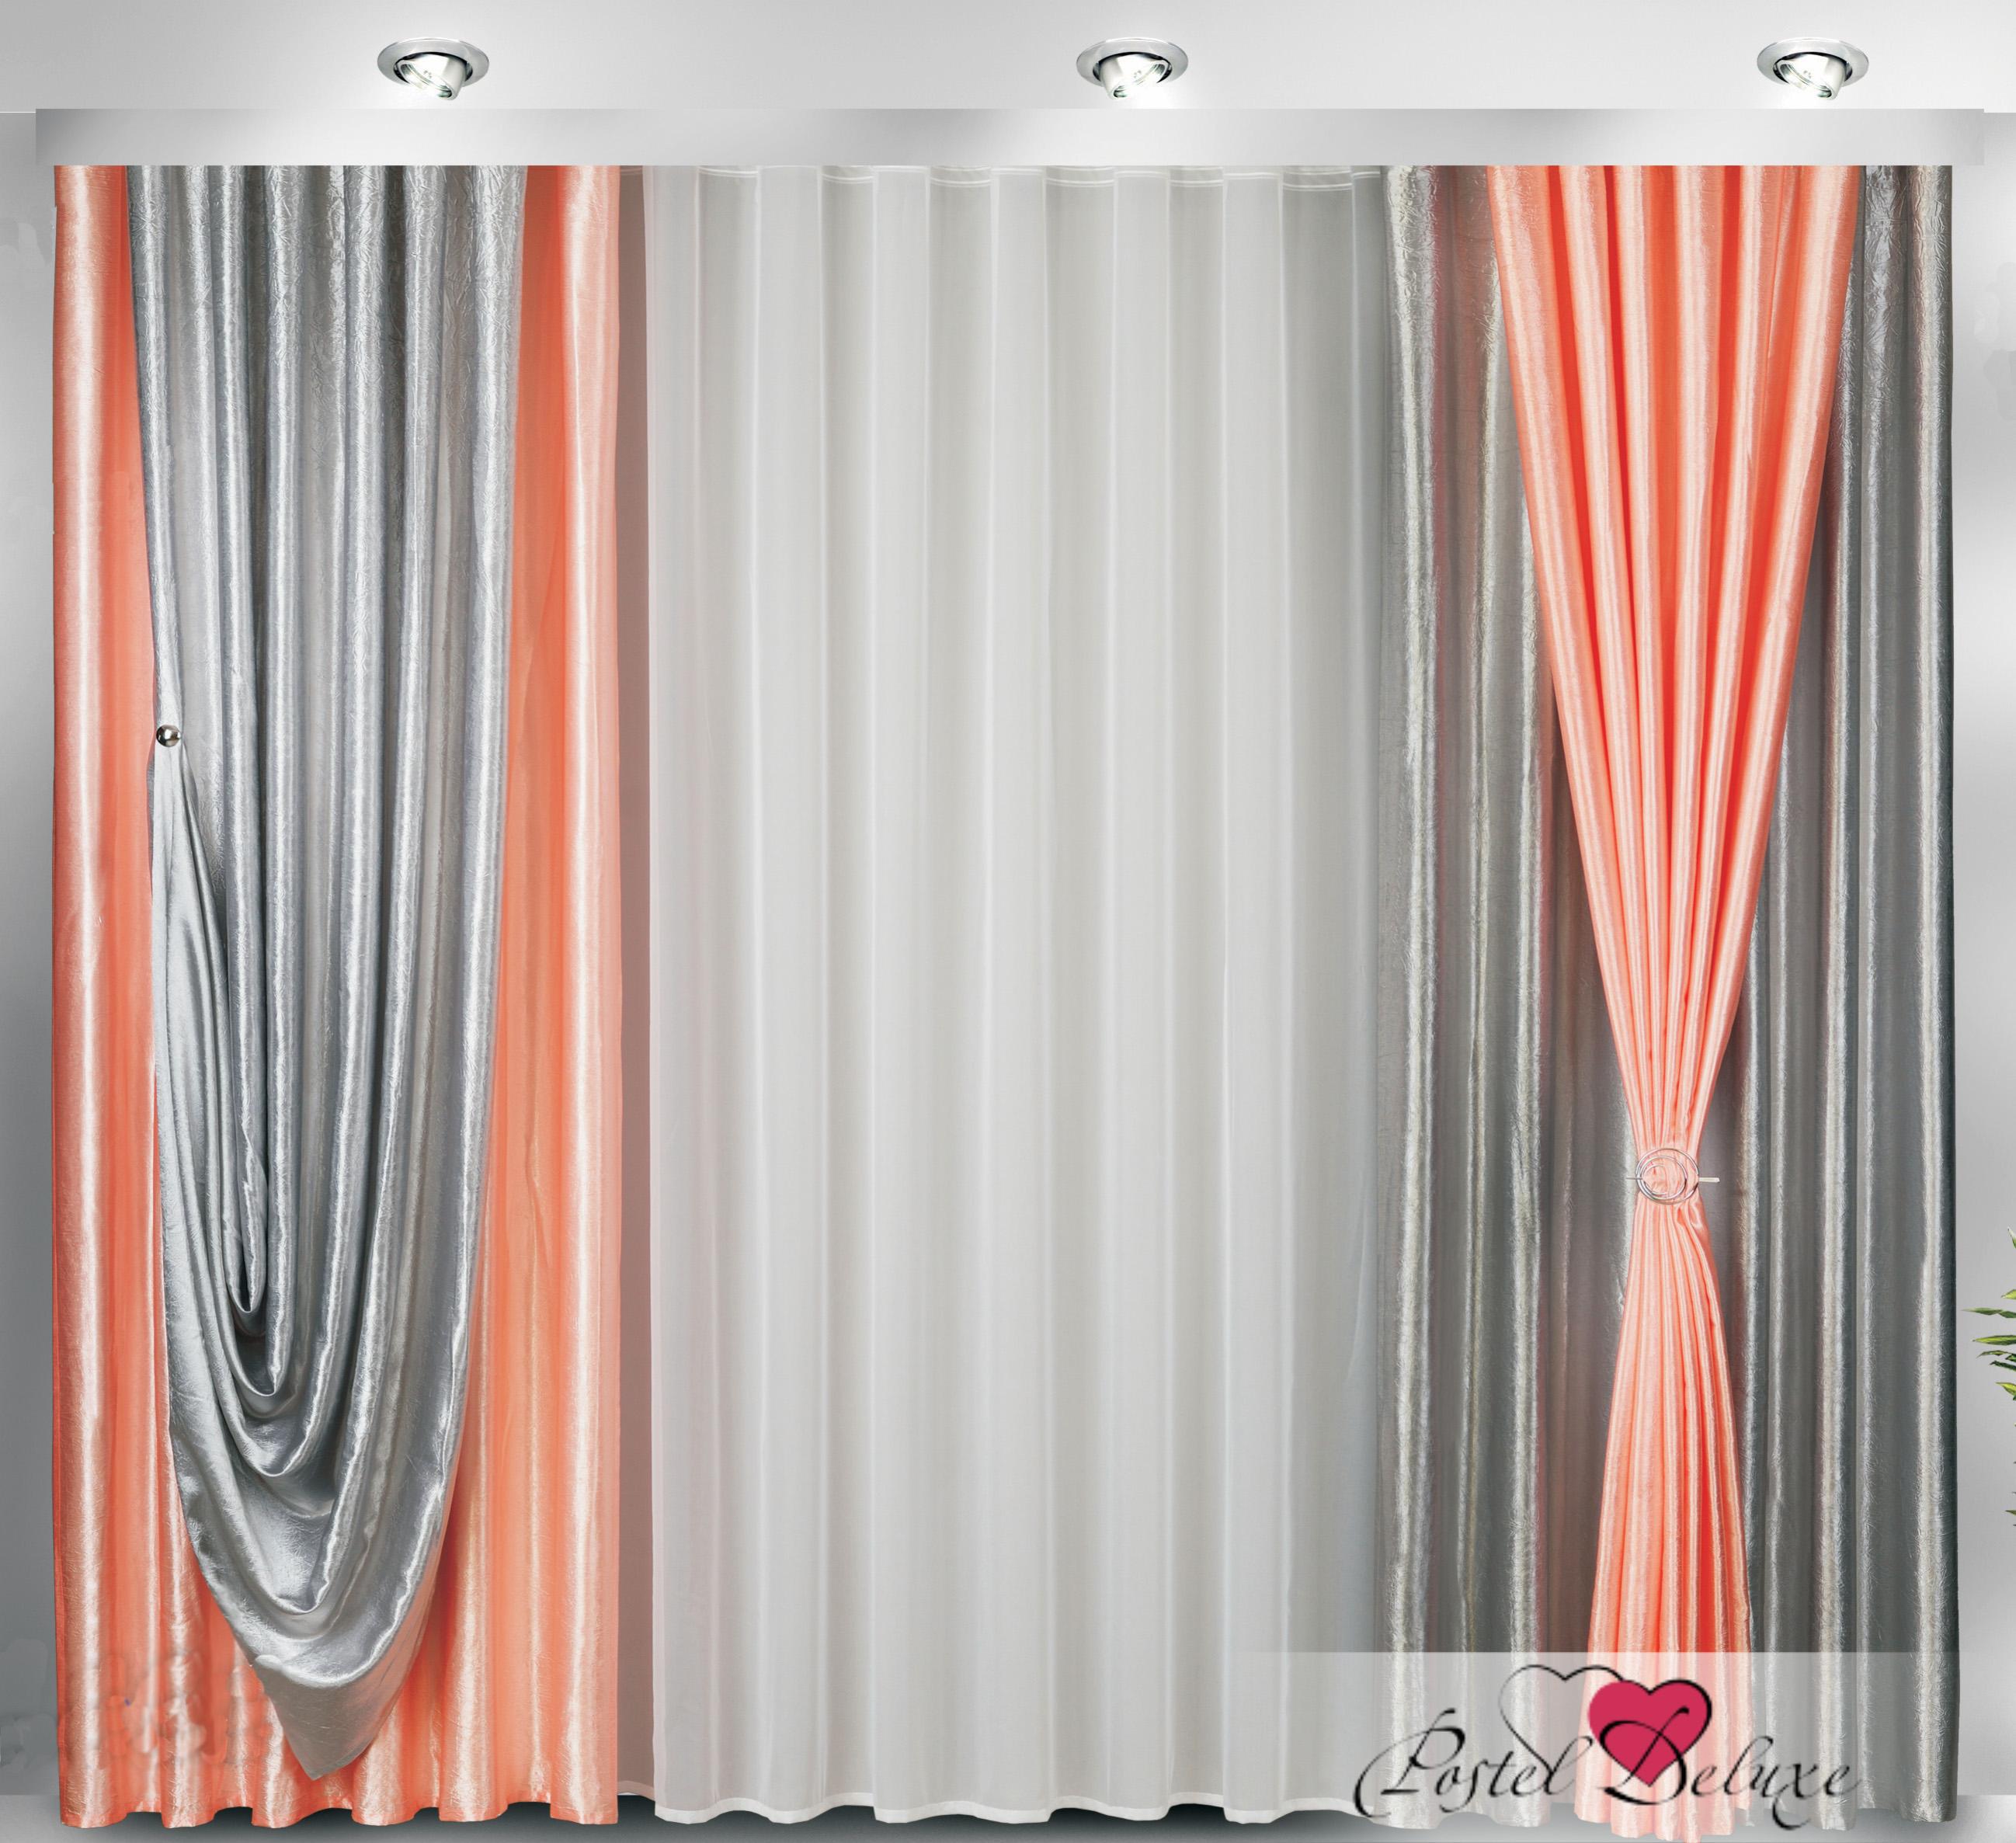 Купить Шторы Велес, Классические шторы Belphoebe, Беларусь, Розовый, Серый, Тафта